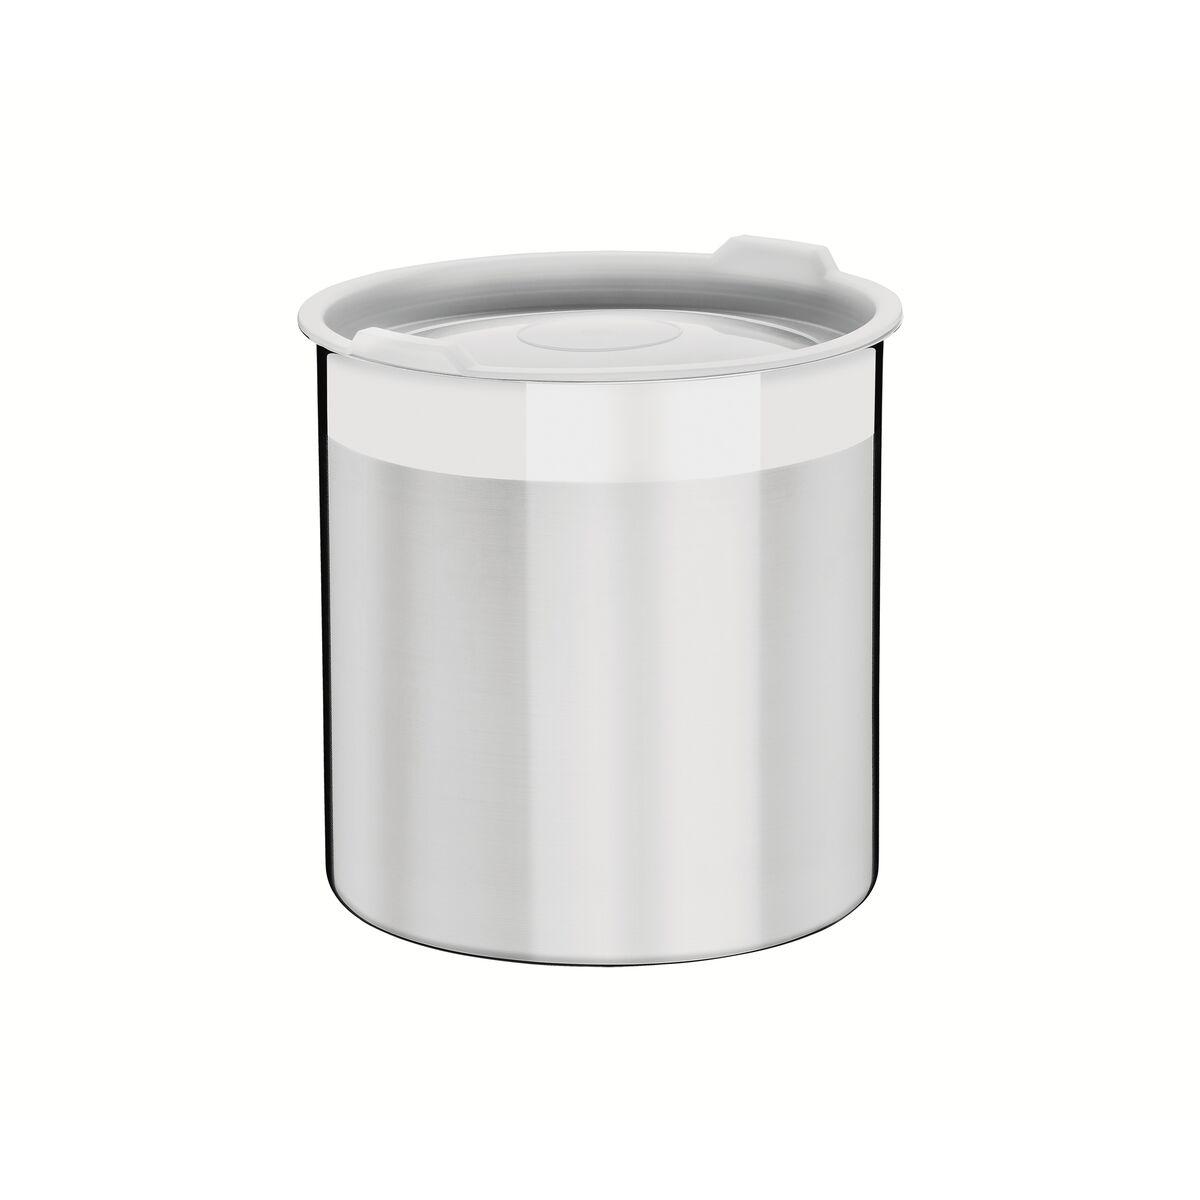 Contenedor Tramontina Cucina de acero inoxidable para víveres con tapa plástica 14 cm 2,3 L